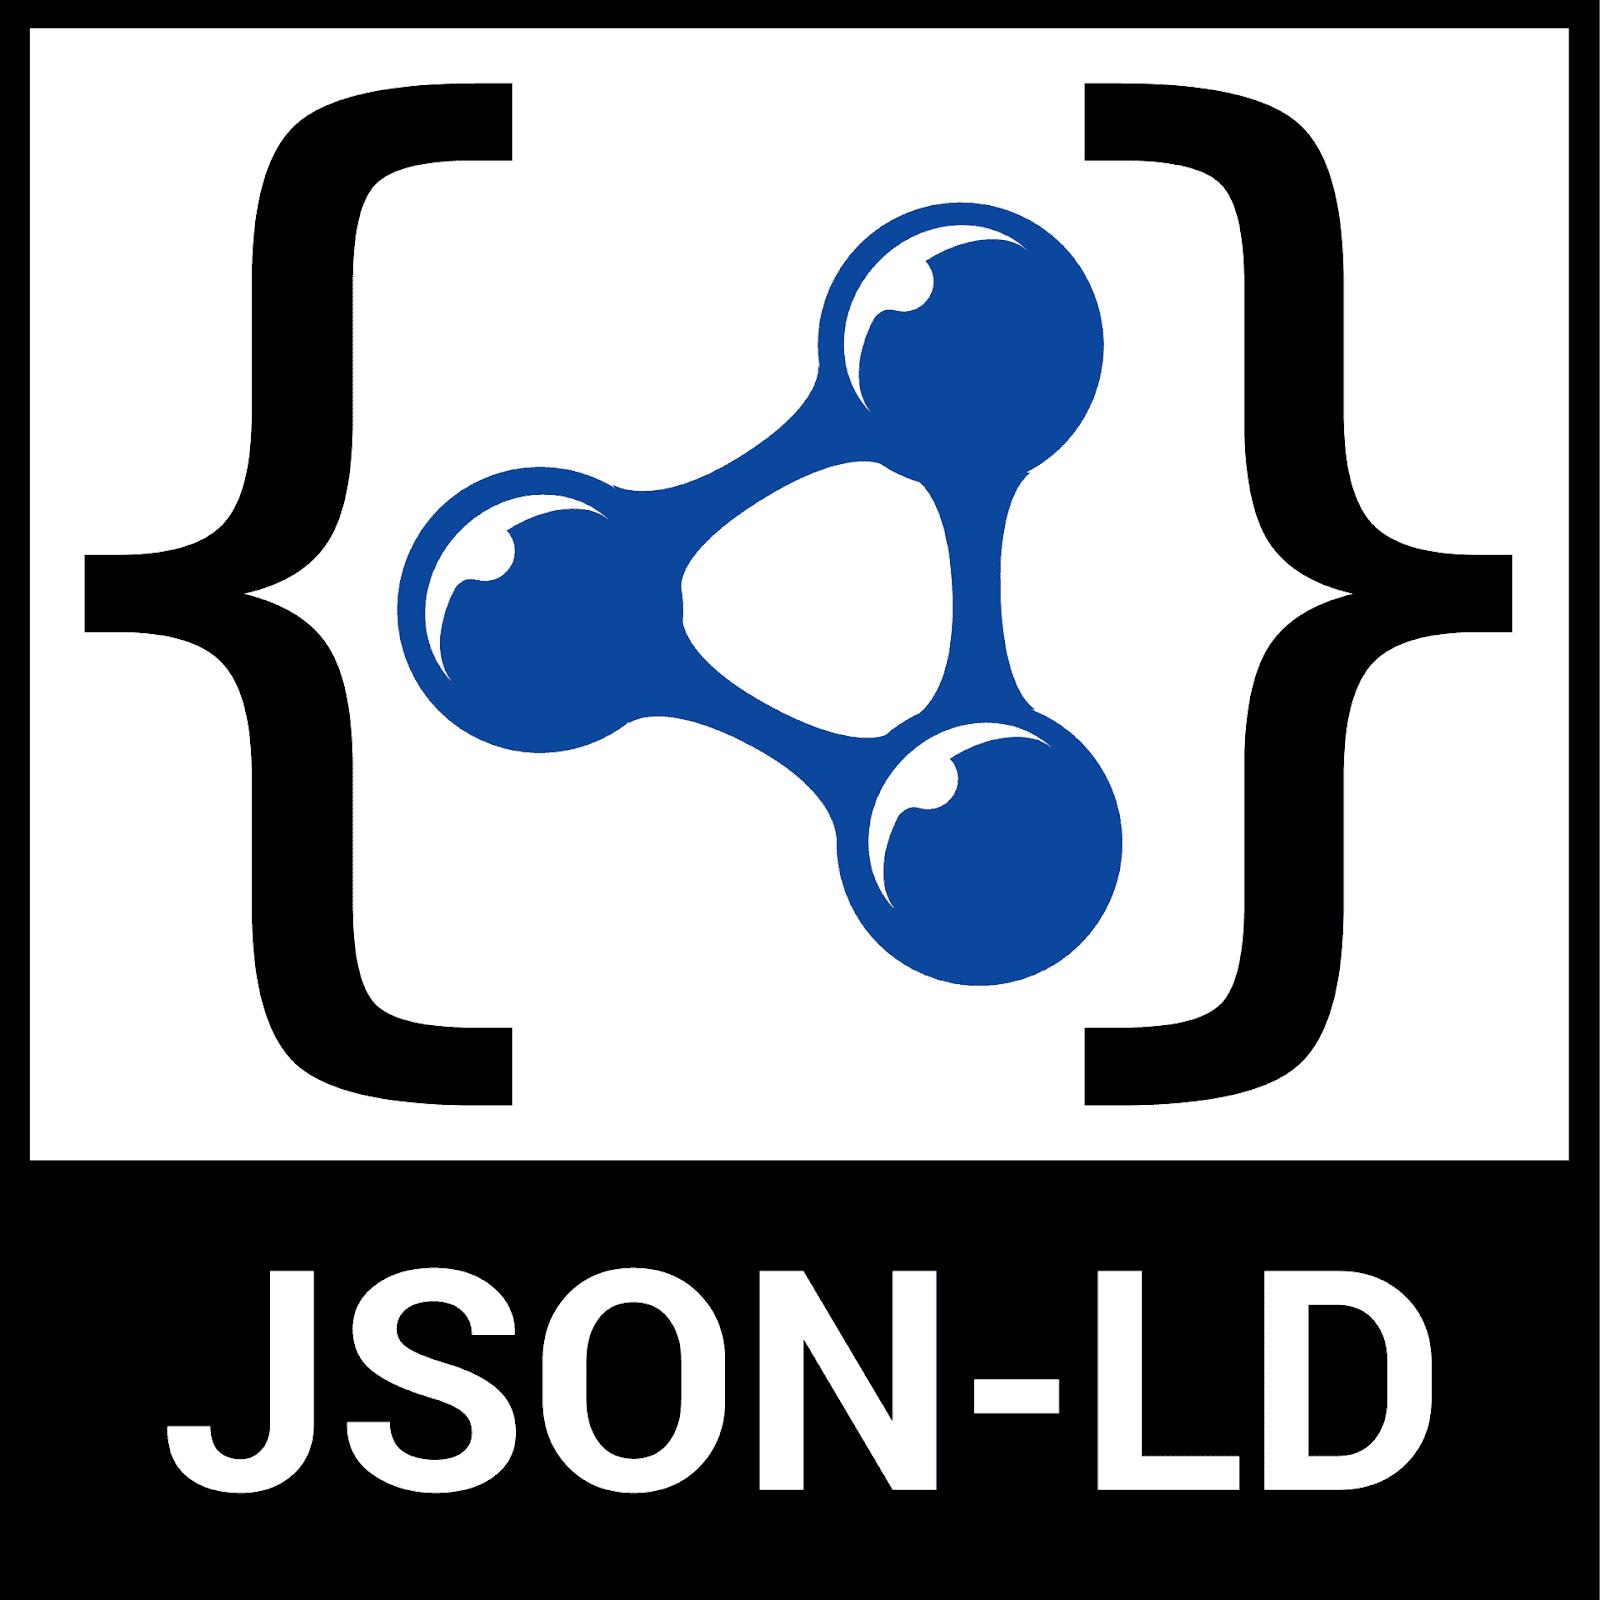 JSON-LDのロゴマーク